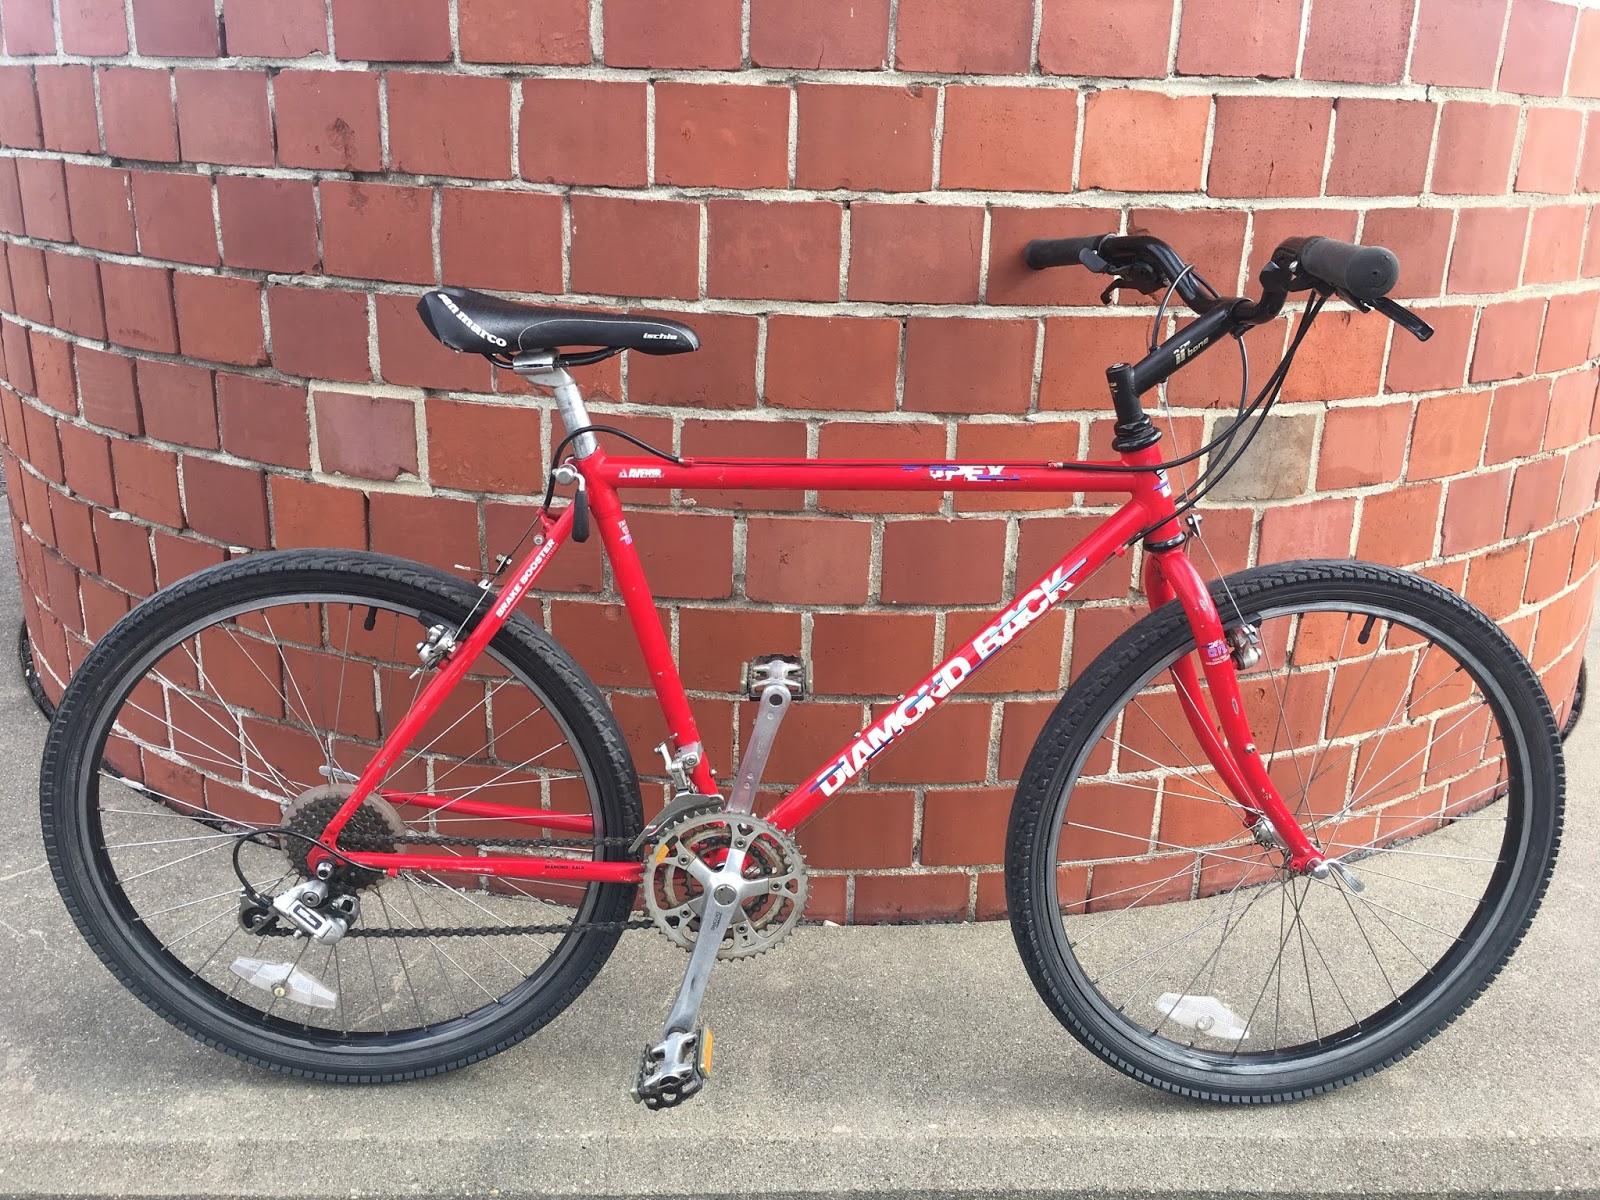 1990 Red Diamondback Apex Mountain Bike SOLD | Whistle Bike Shop